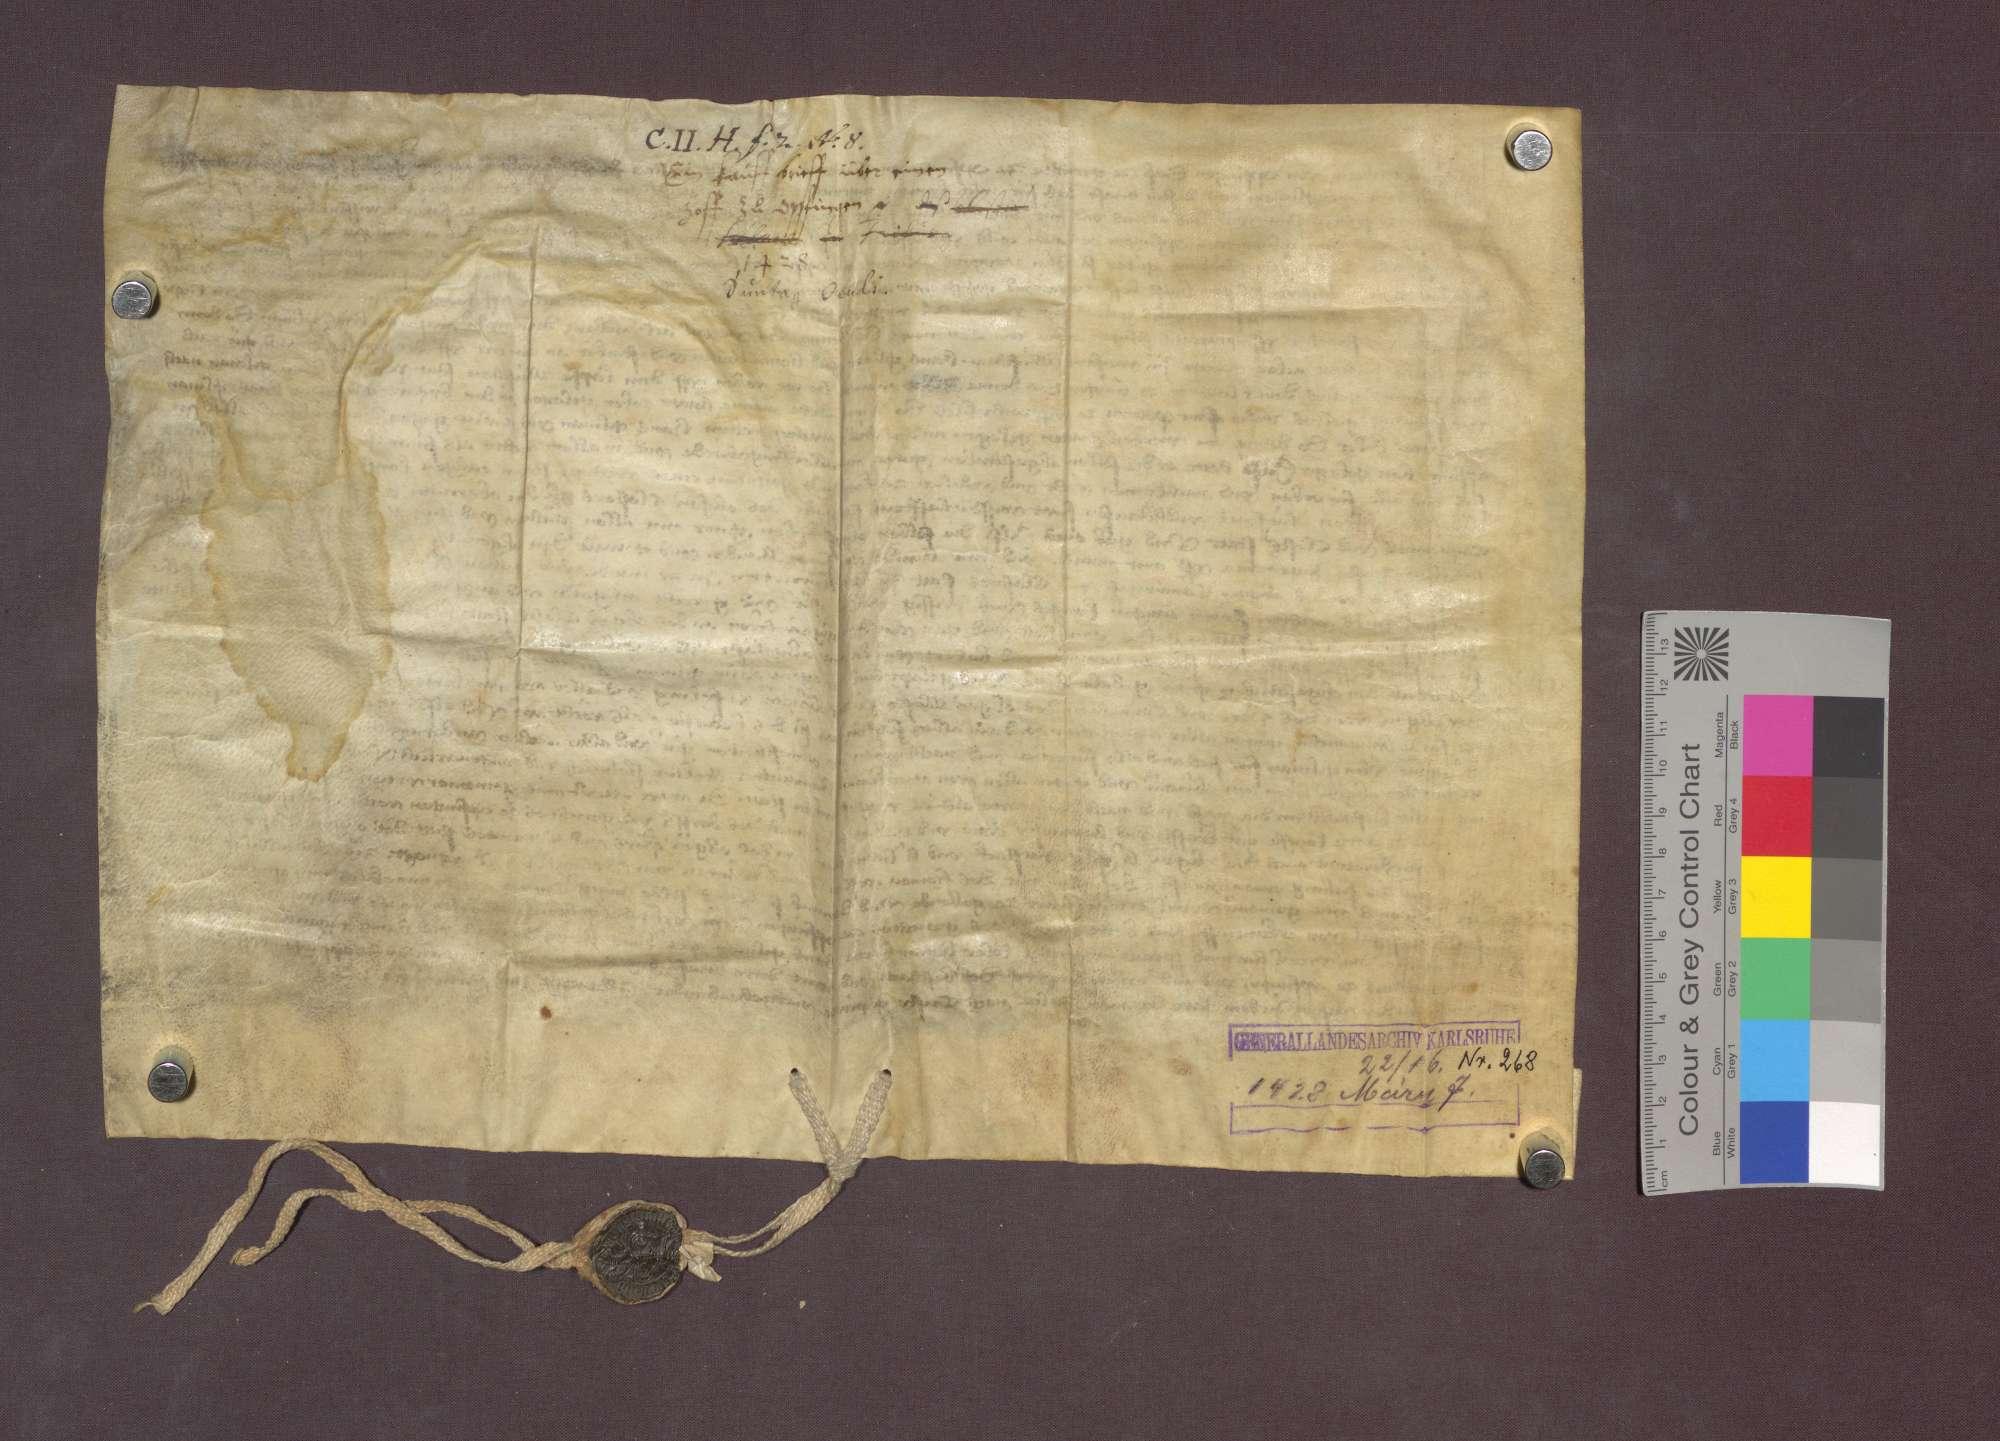 Ulin Gilmann von Opfingen verkauft vor dem Gericht zu Opfingen dem Kloster Oberried zu Freiburg verschiedene Güter zu Opfingen um 30 Gulden., Bild 2